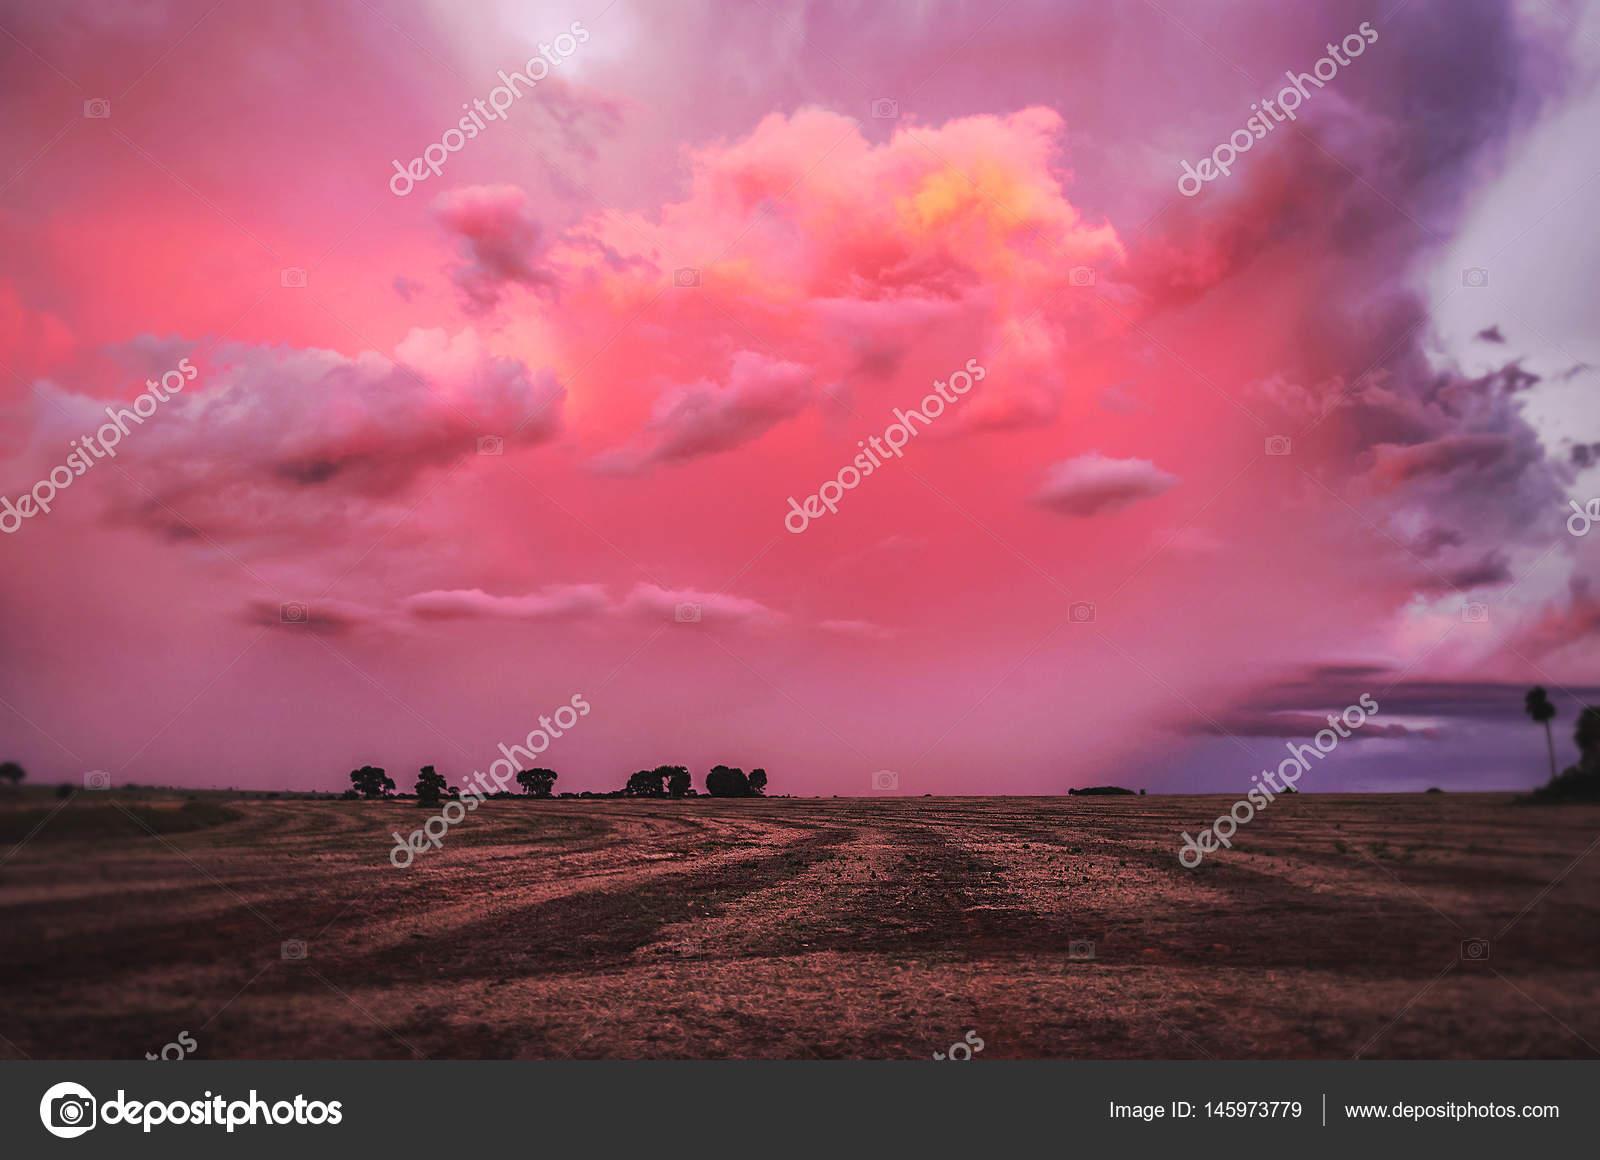 835307d71b69d Maravilhoso fim de tarde com um por do sol cor de rosa e roxo — Fotografia